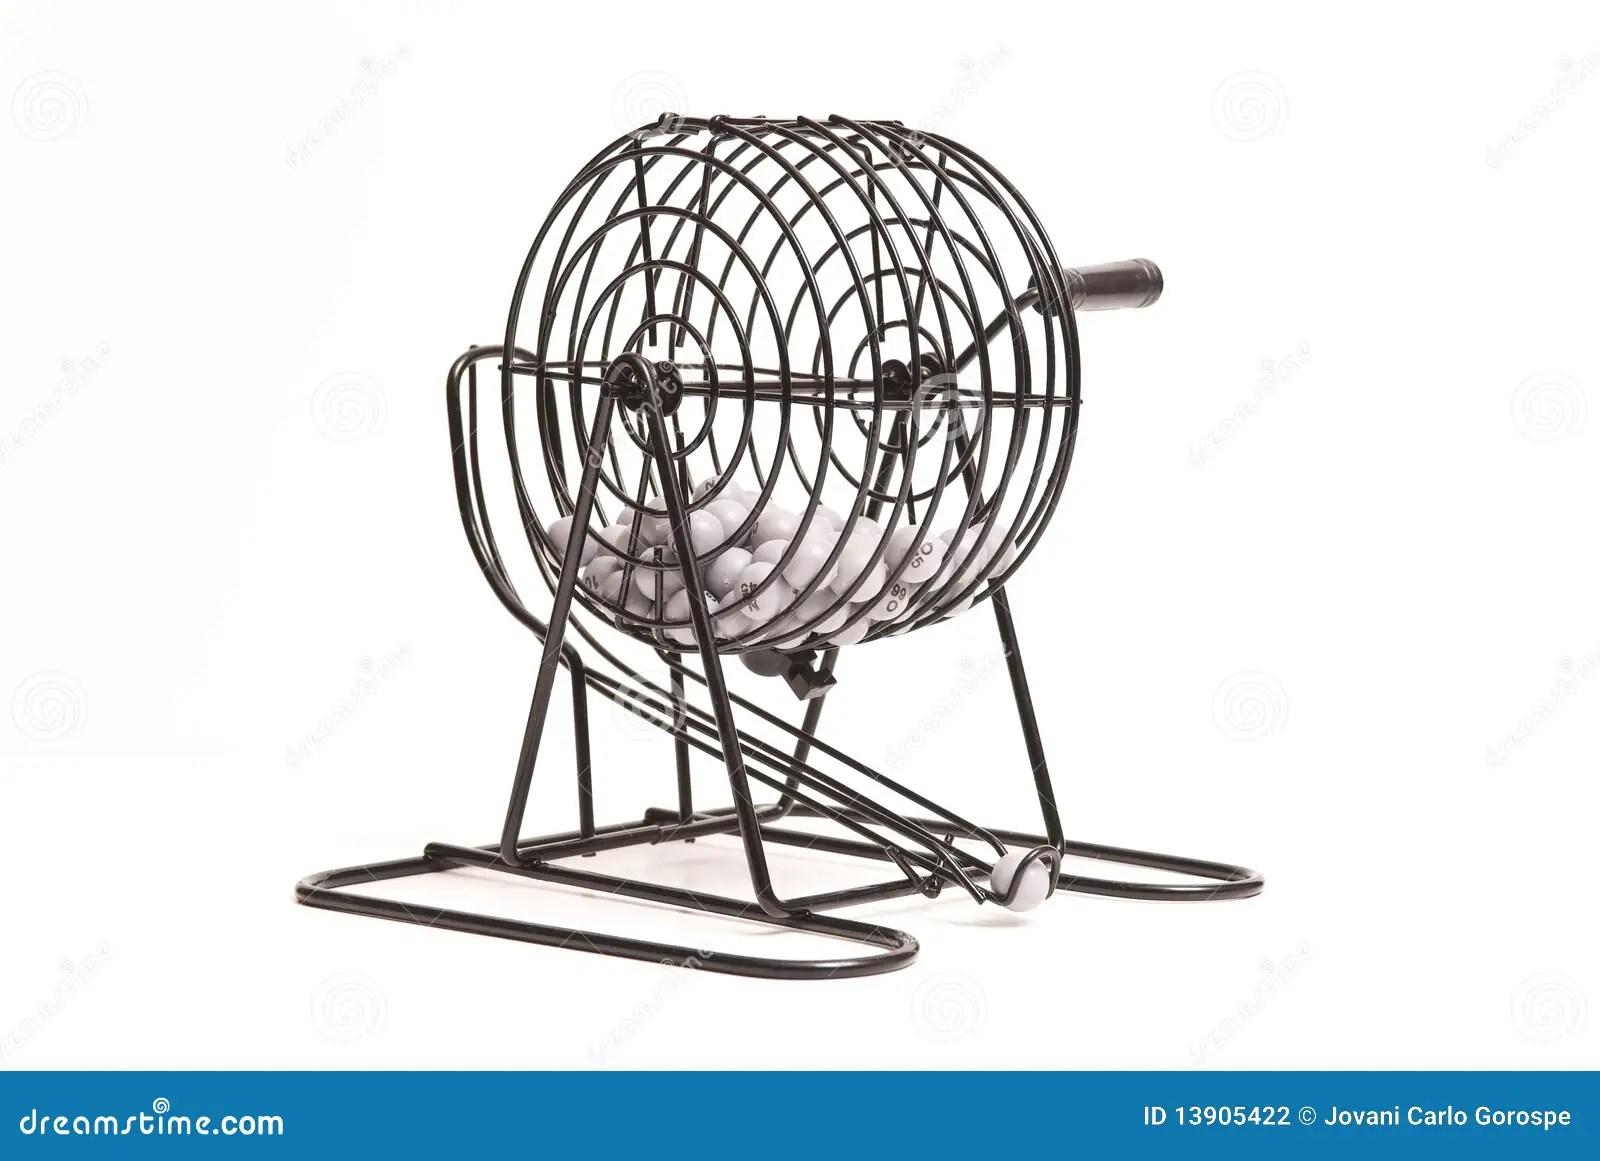 Lottery Spinner Stock Photo Image Of Hopper Recreational